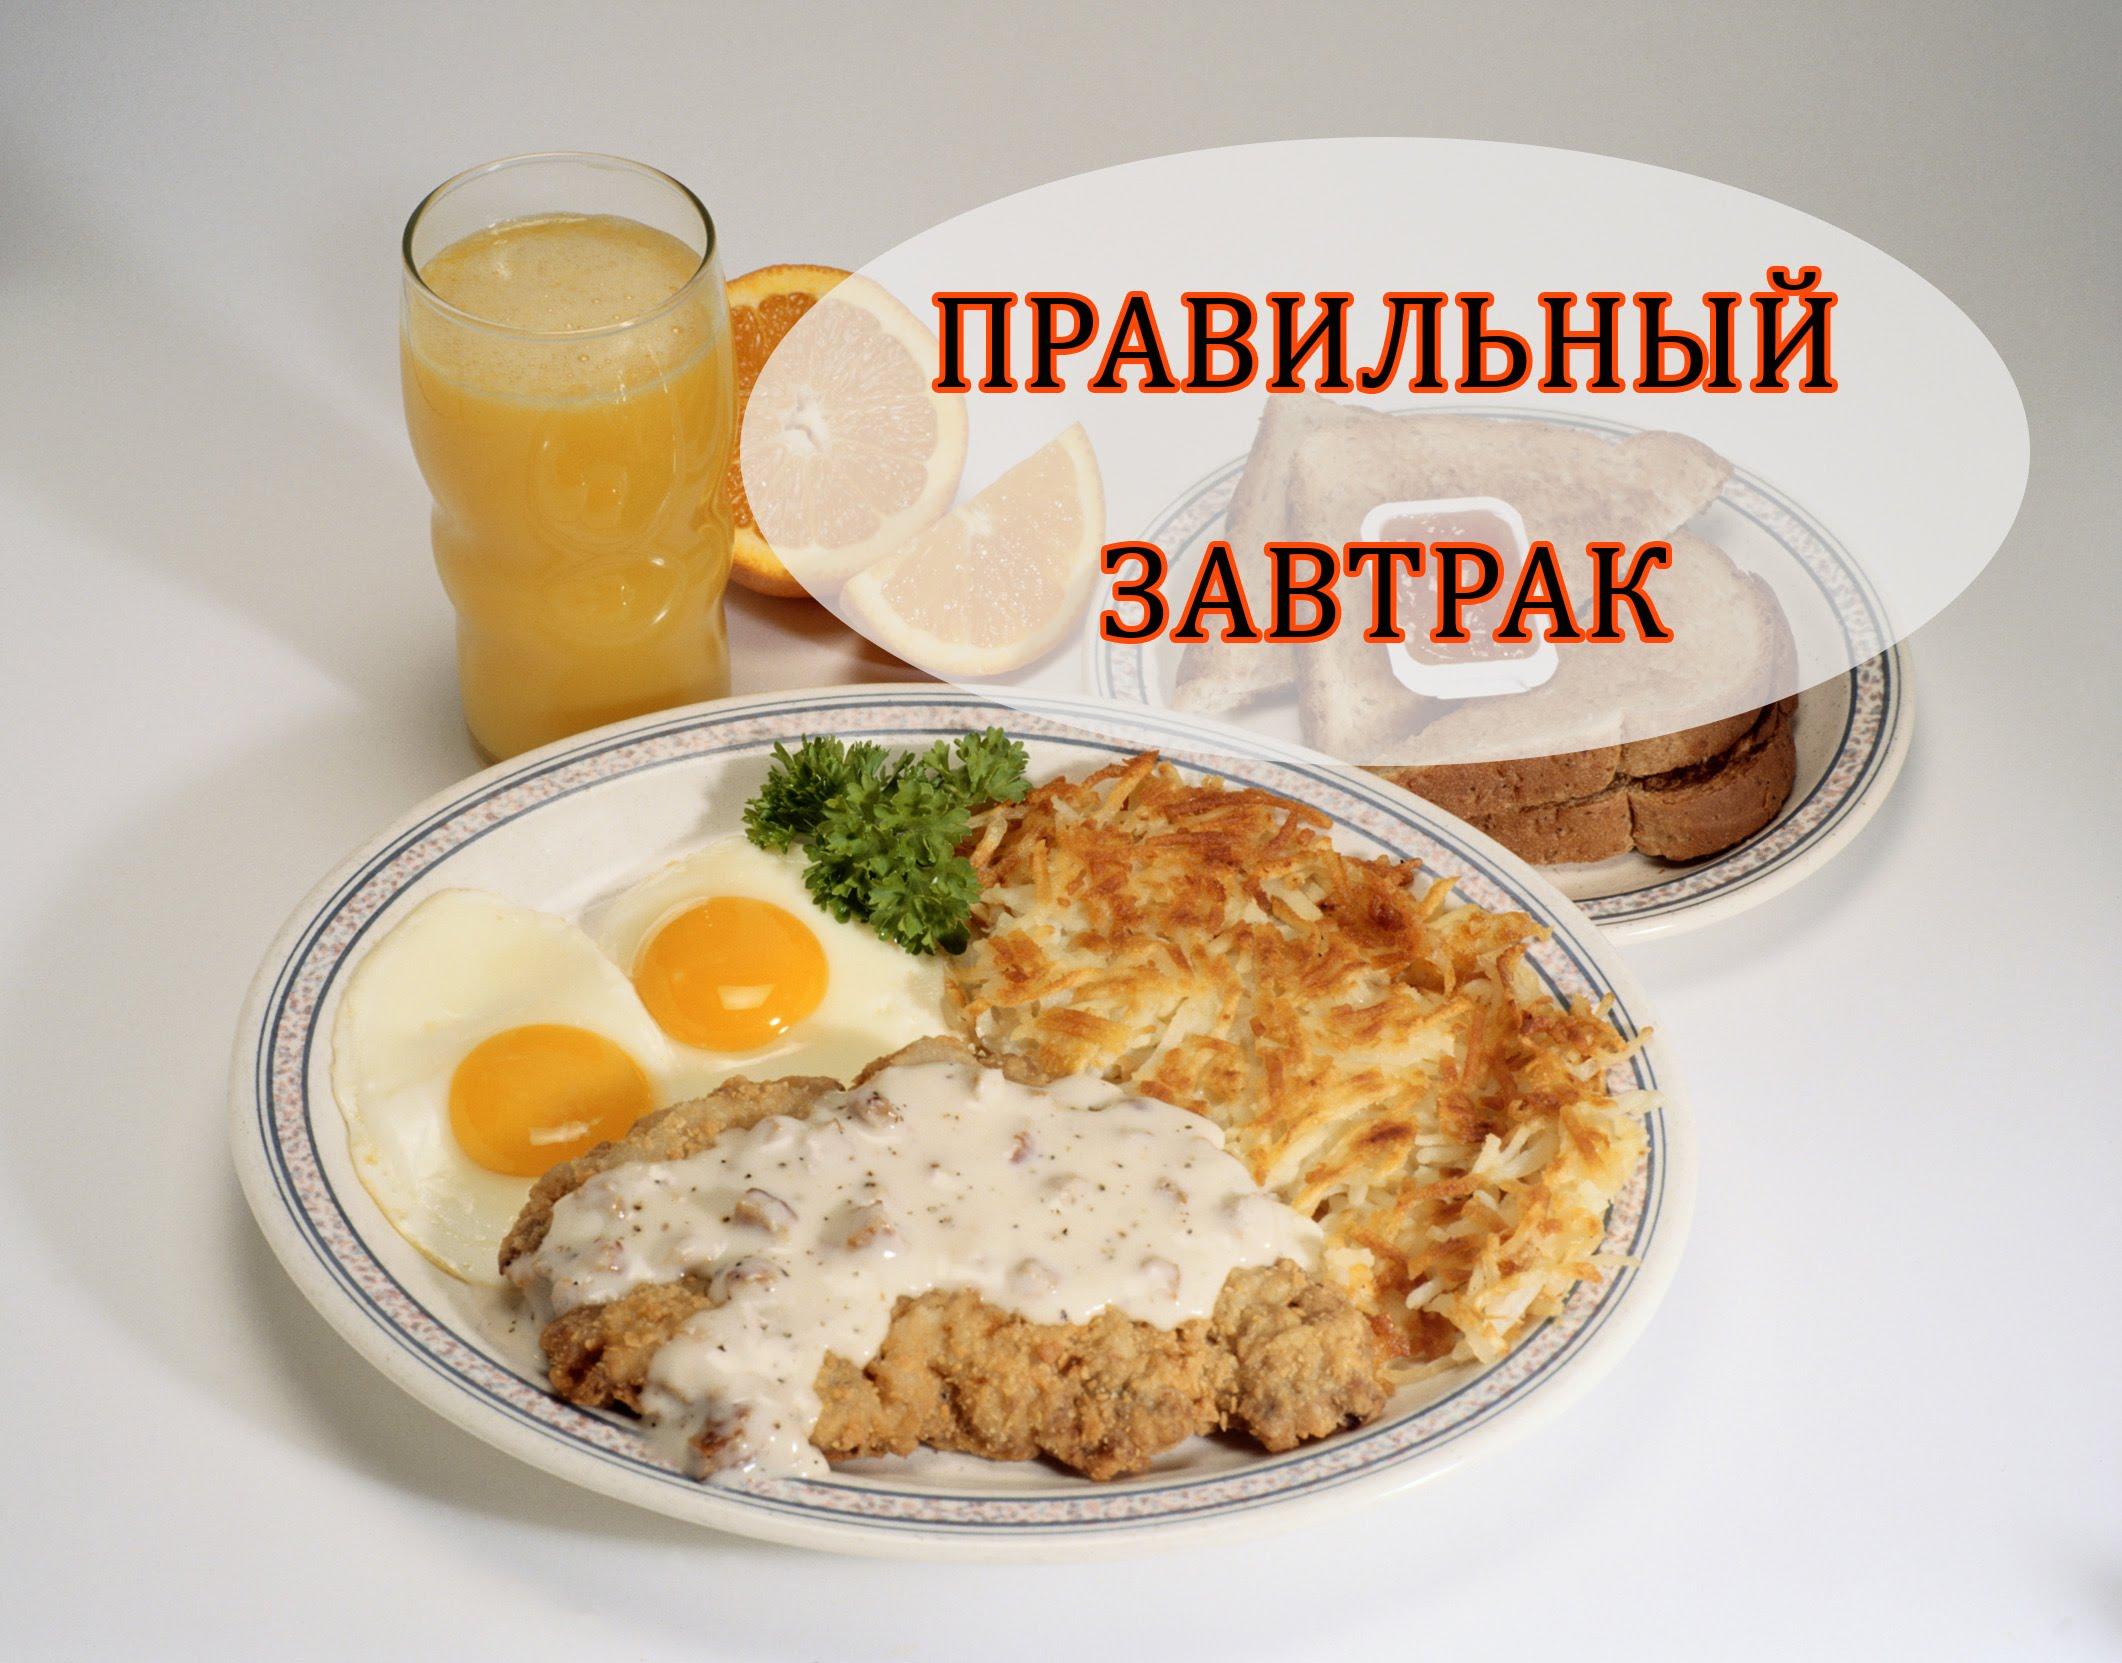 Правильный обед